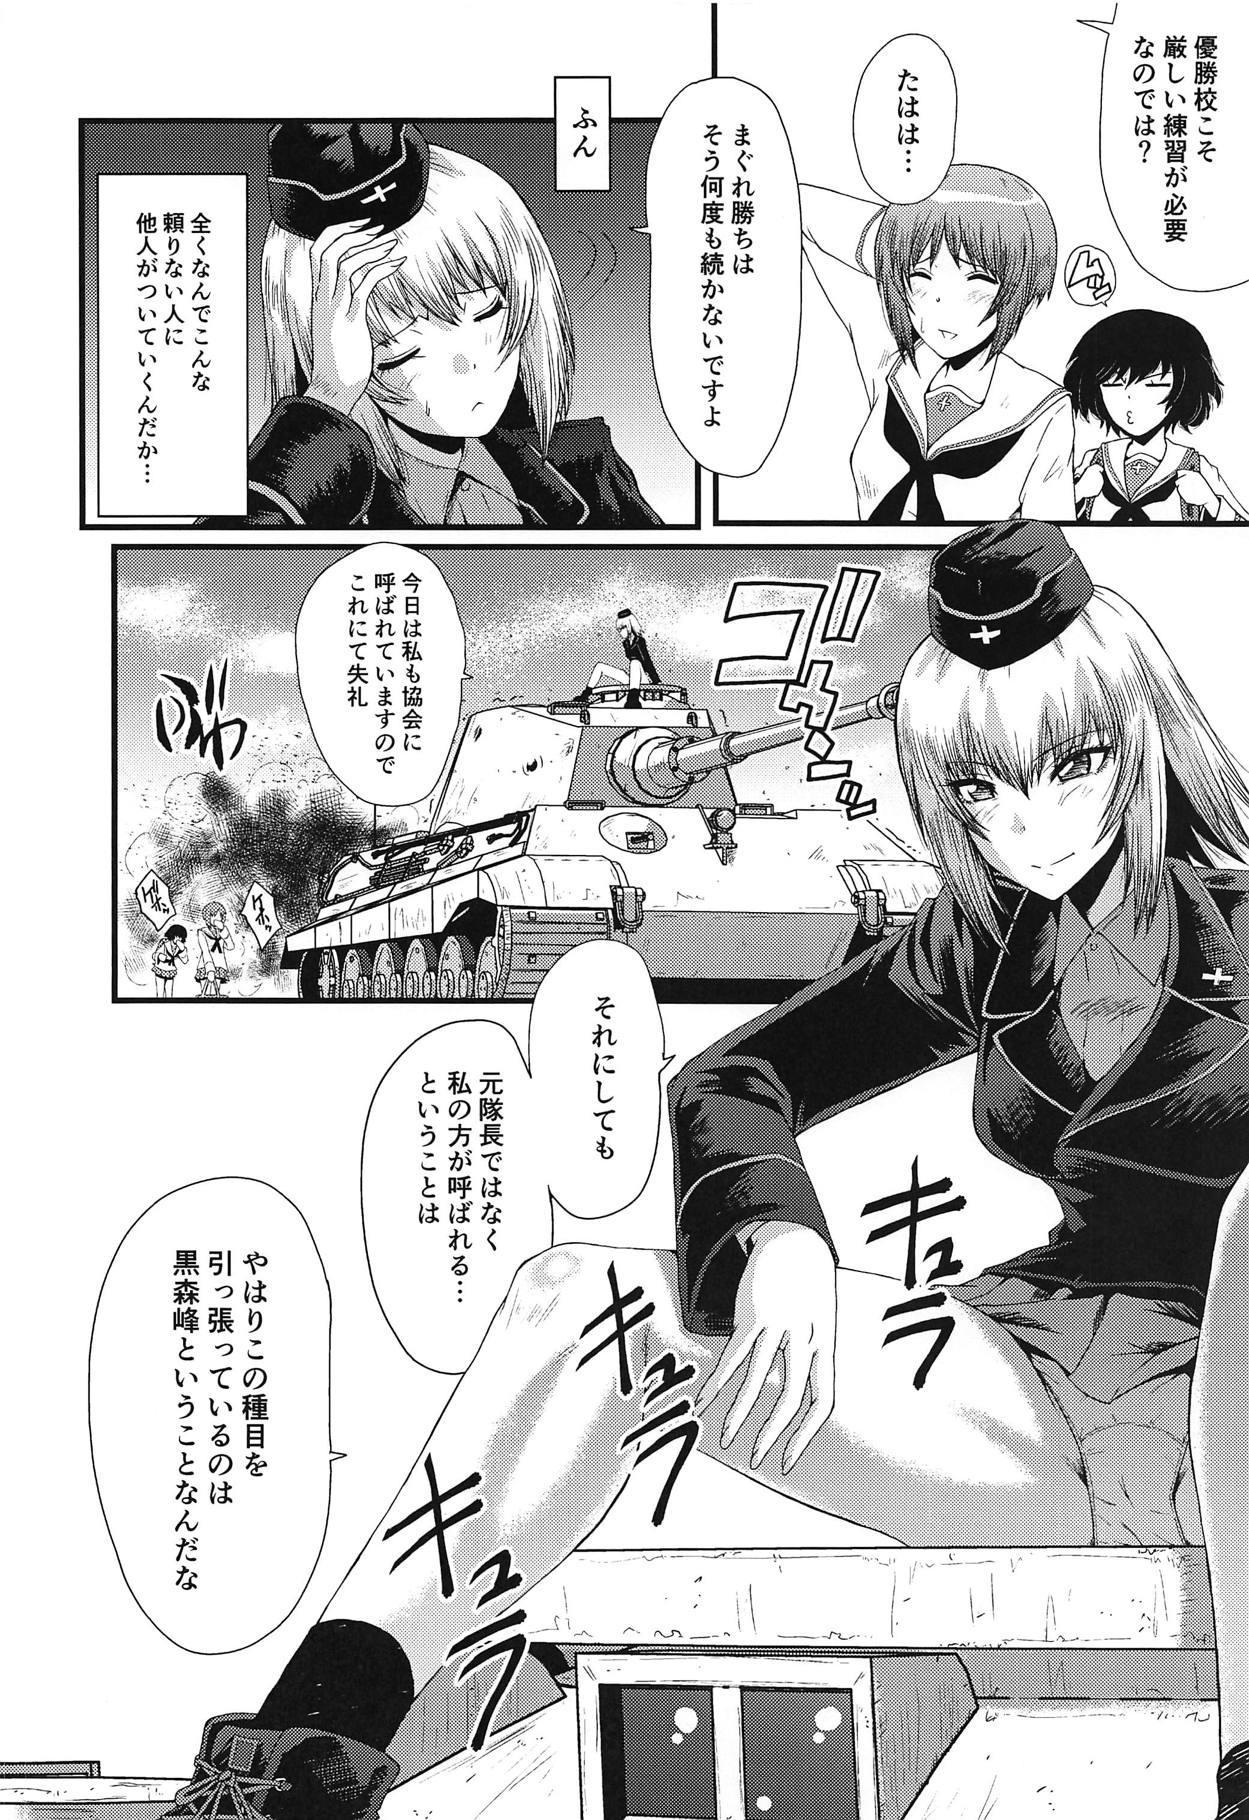 Urabambi Vol. 58 Genfuku Taichou o Seiteki ni Yorokobasechau Hon 4